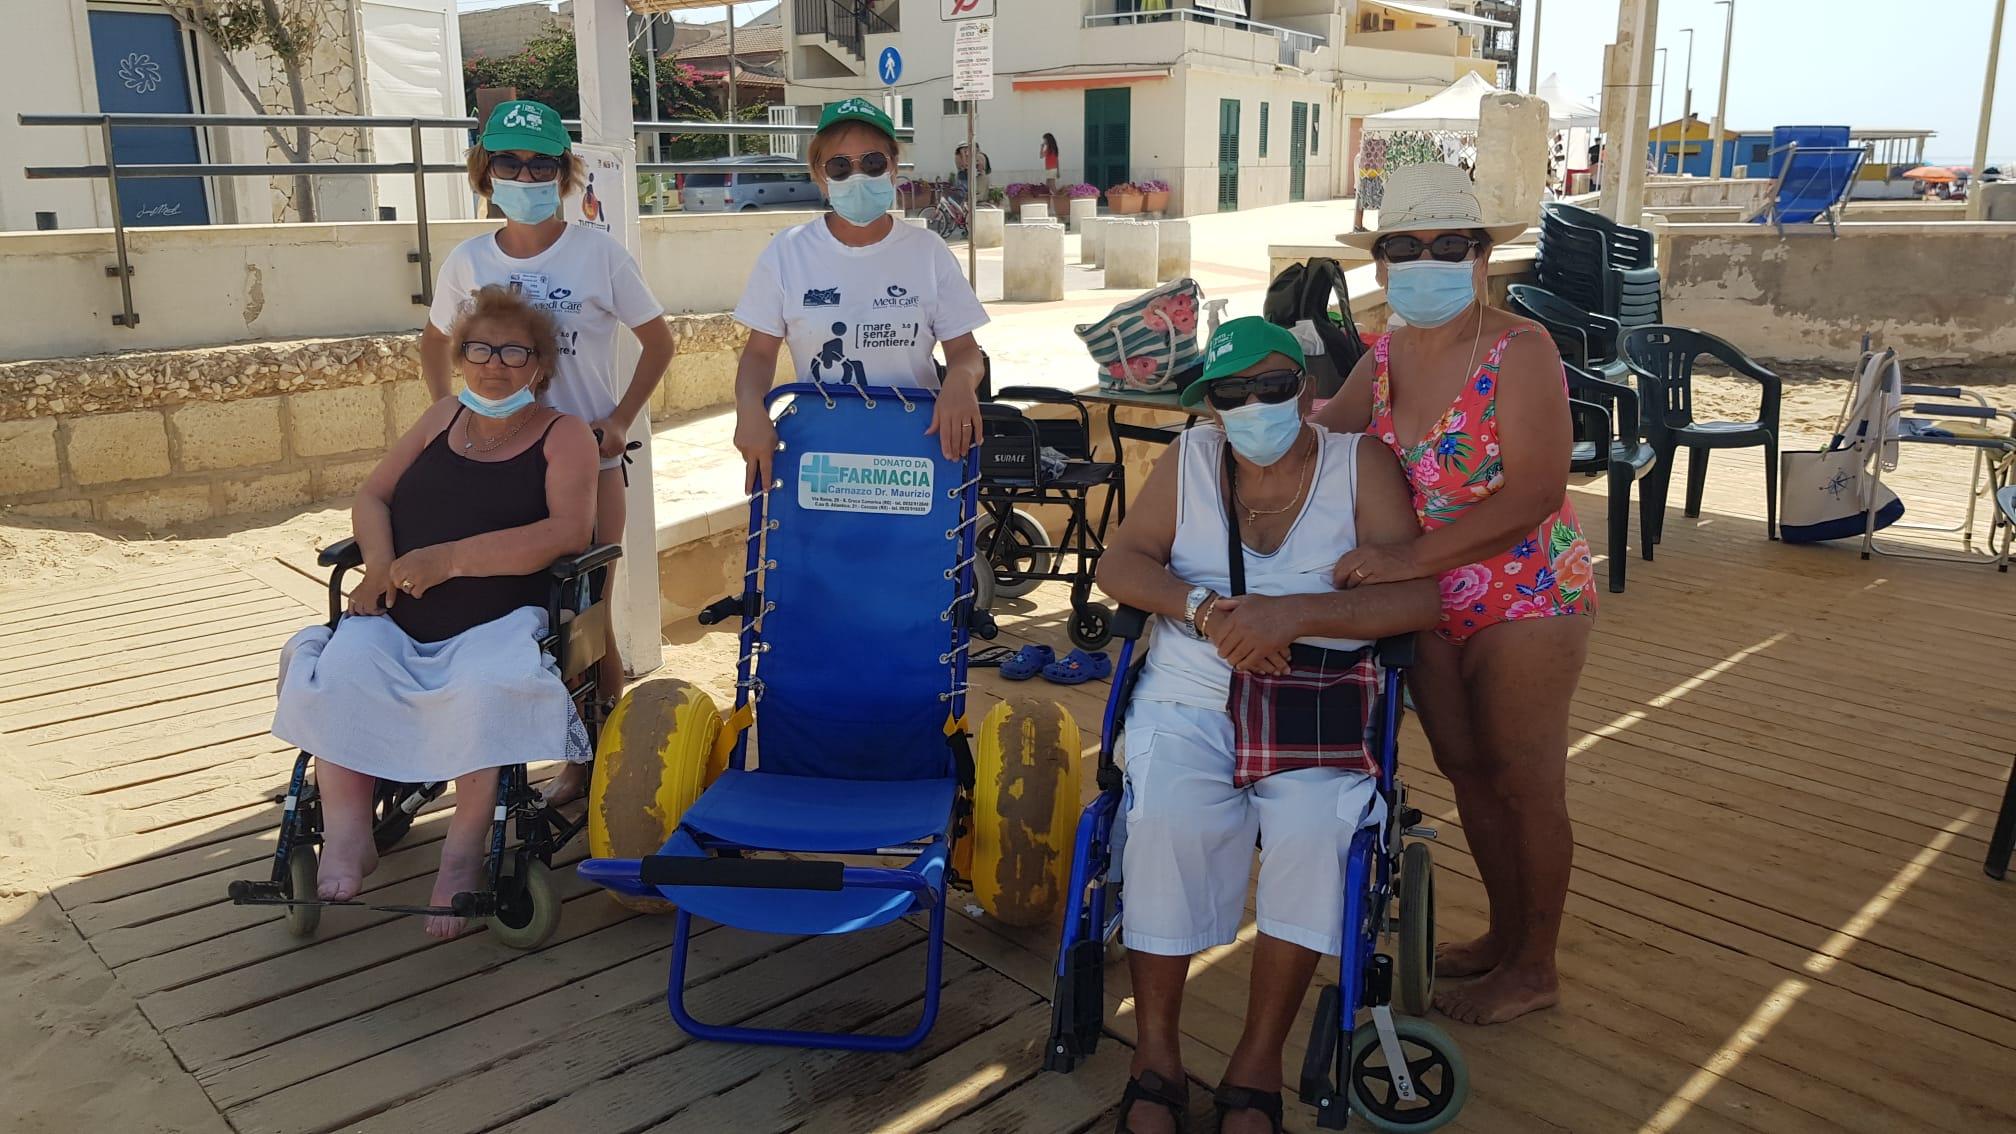 Mare senza frontiere: il progetto regala sorrisi e abbatte le distanze